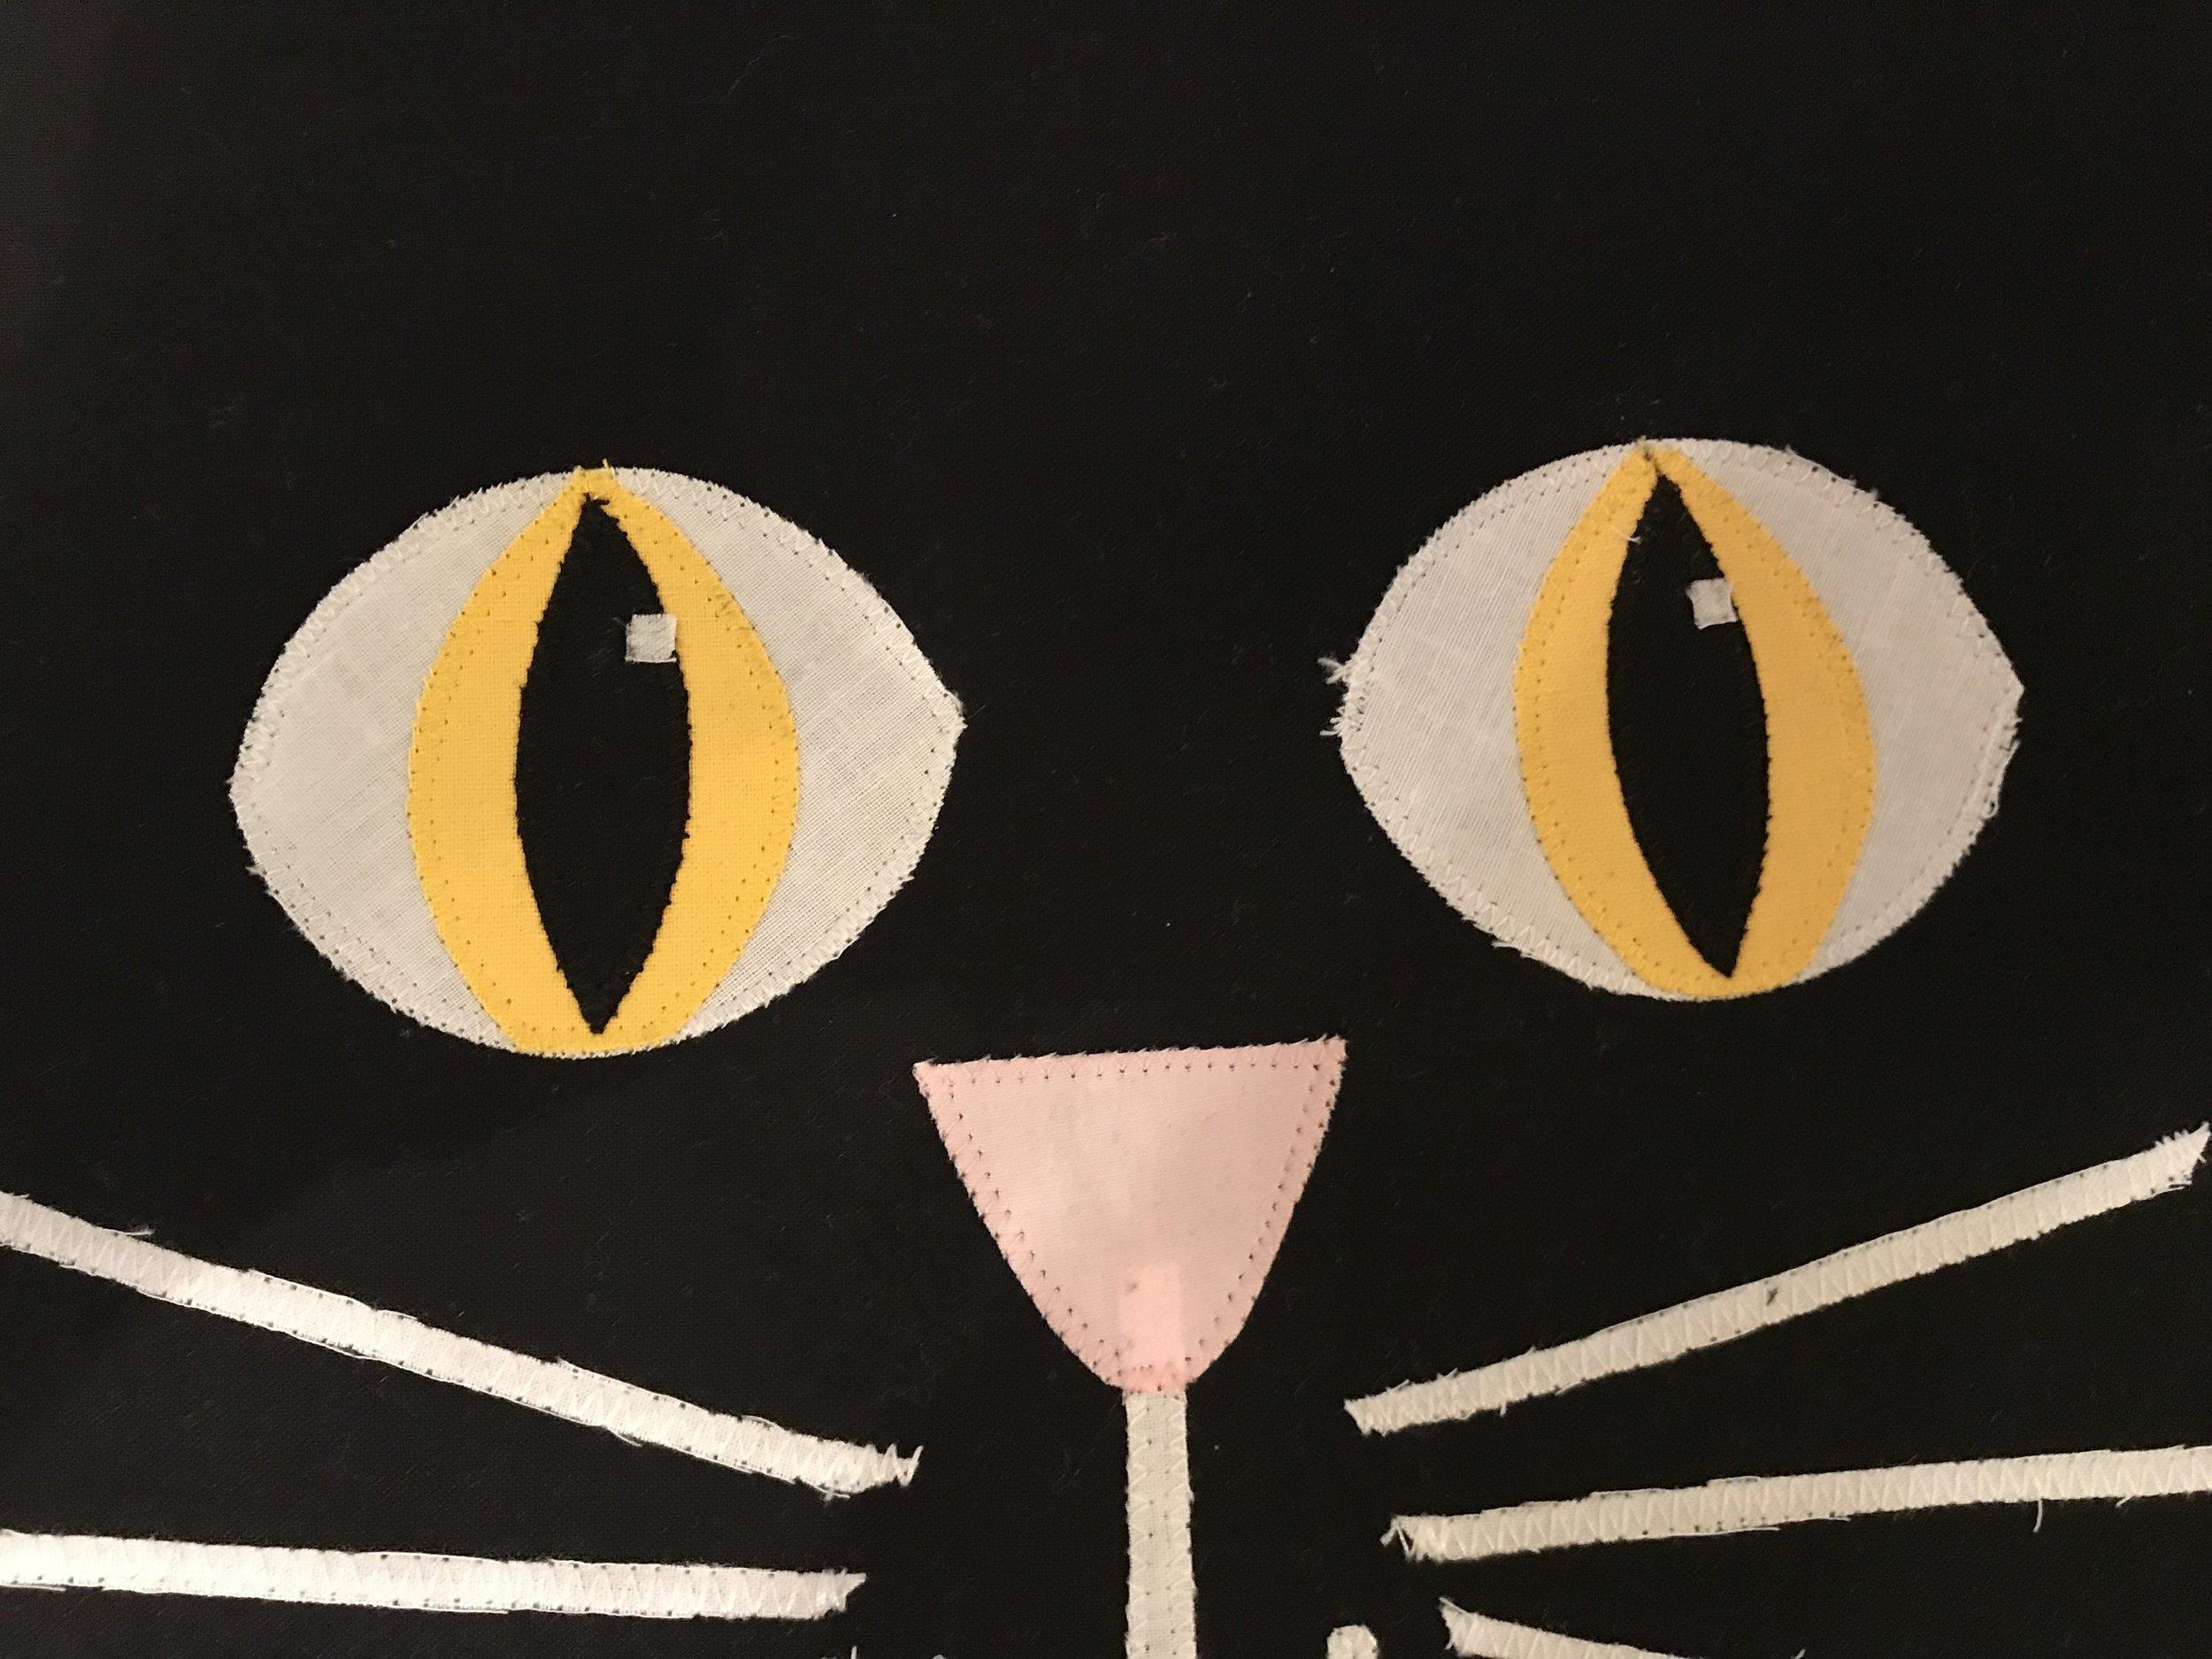 black pupil, white highlight